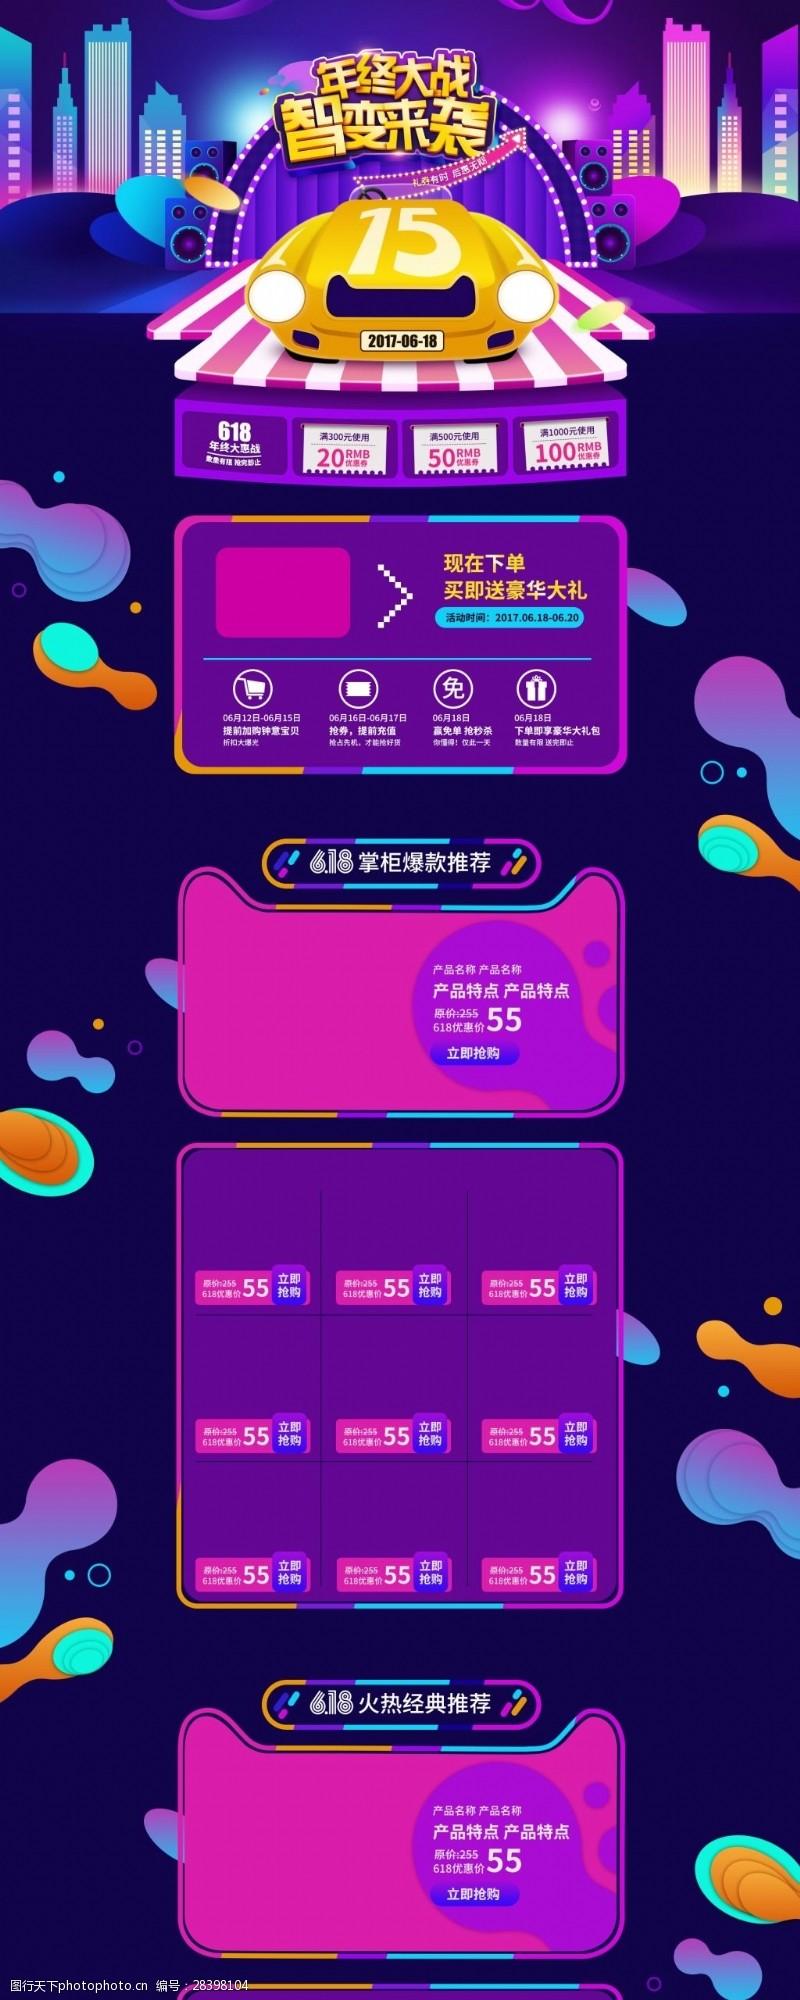 淘宝天猫店铺周年庆首页装修通用模板